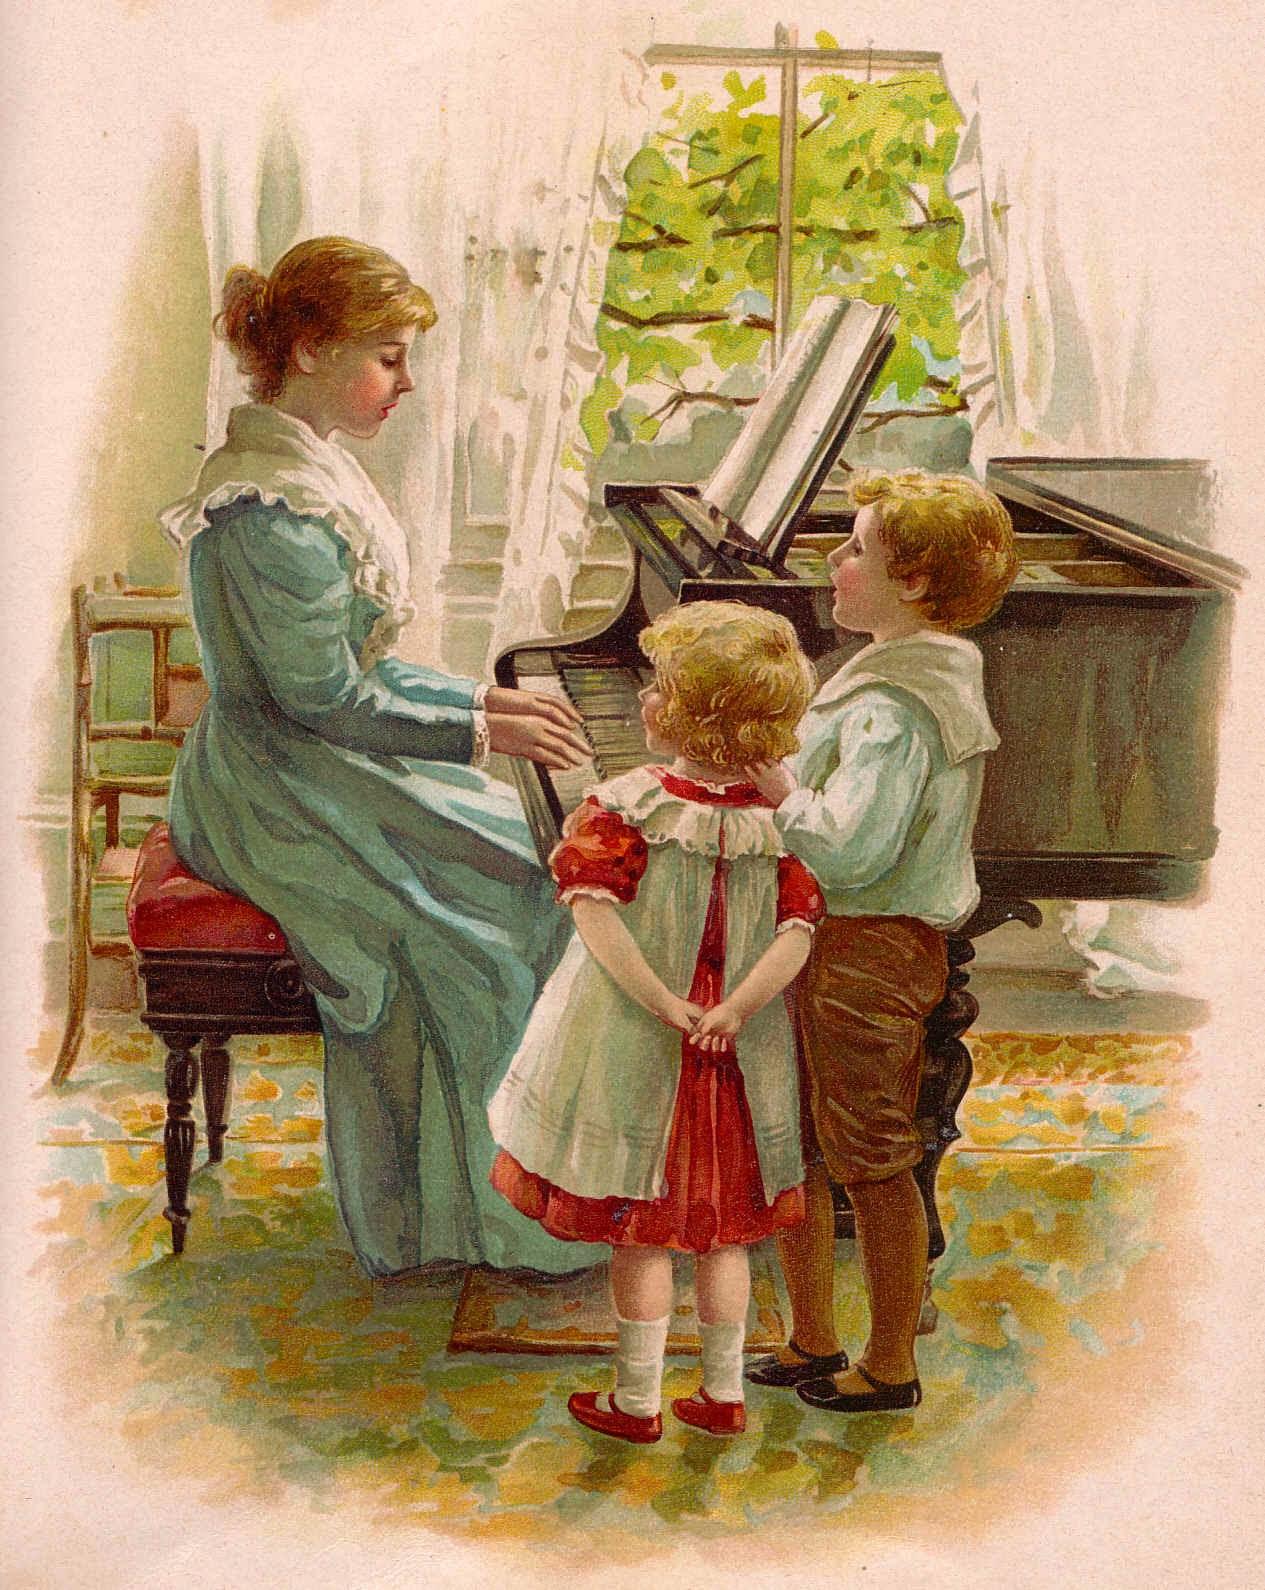 049967044f854a В яскравому, радісному, багатоголосому світі, ми повинні допомогти нашим  дітям знайти і полюбити красу музики.